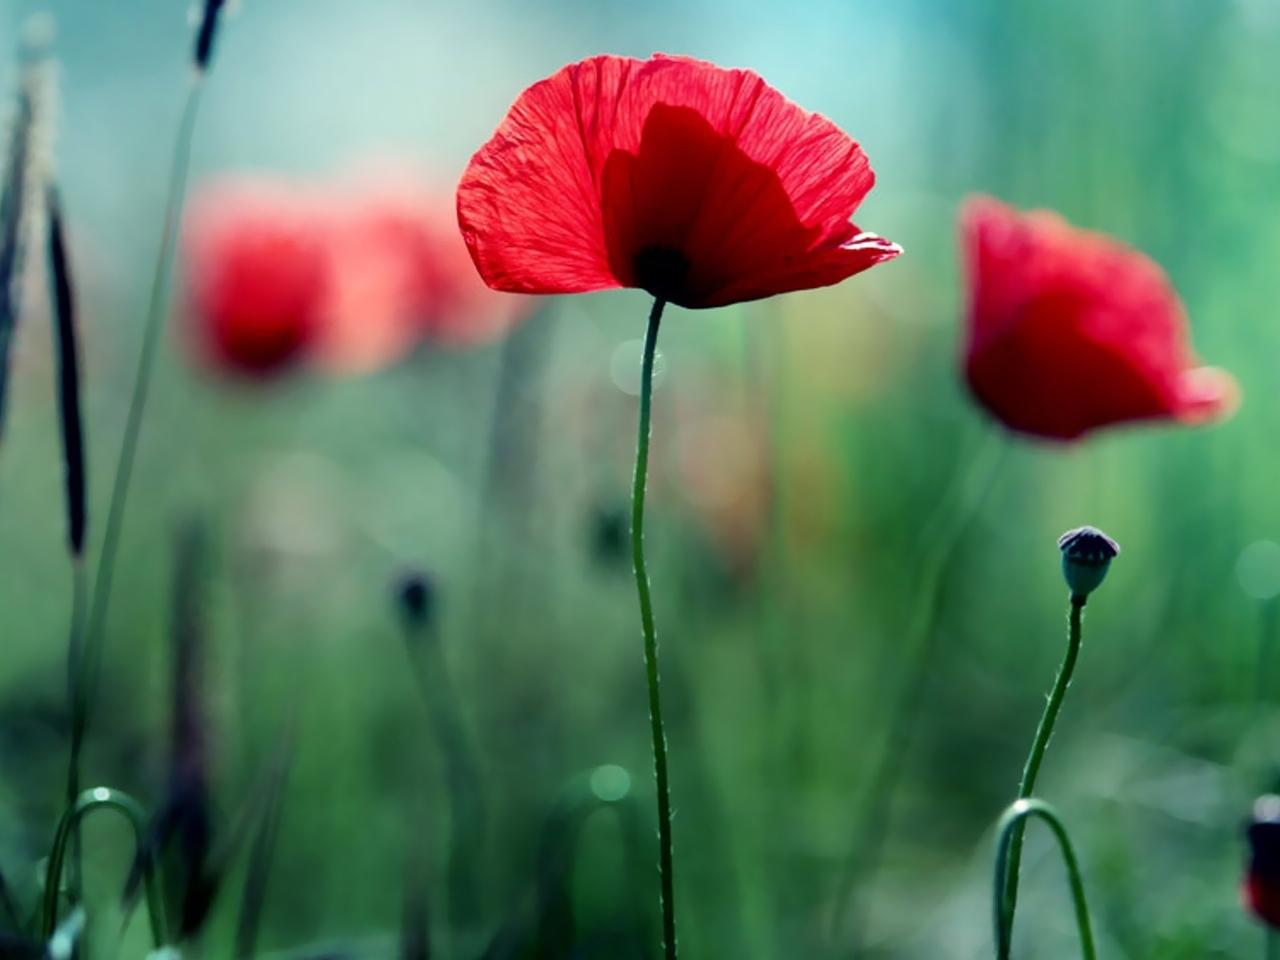 44129 скачать обои Растения, Цветы, Маки - заставки и картинки бесплатно